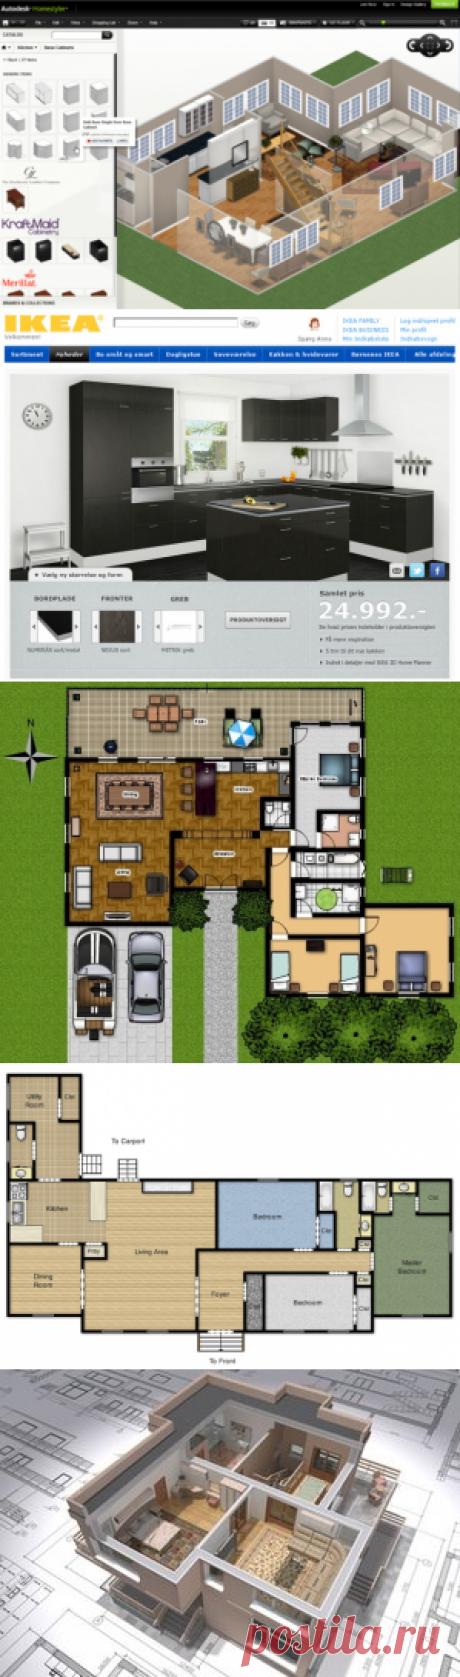 8 бесплатных приложений для ремонта | Свежие идеи дизайна интерьеров, декора, архитектуры на InMyRoom.ru